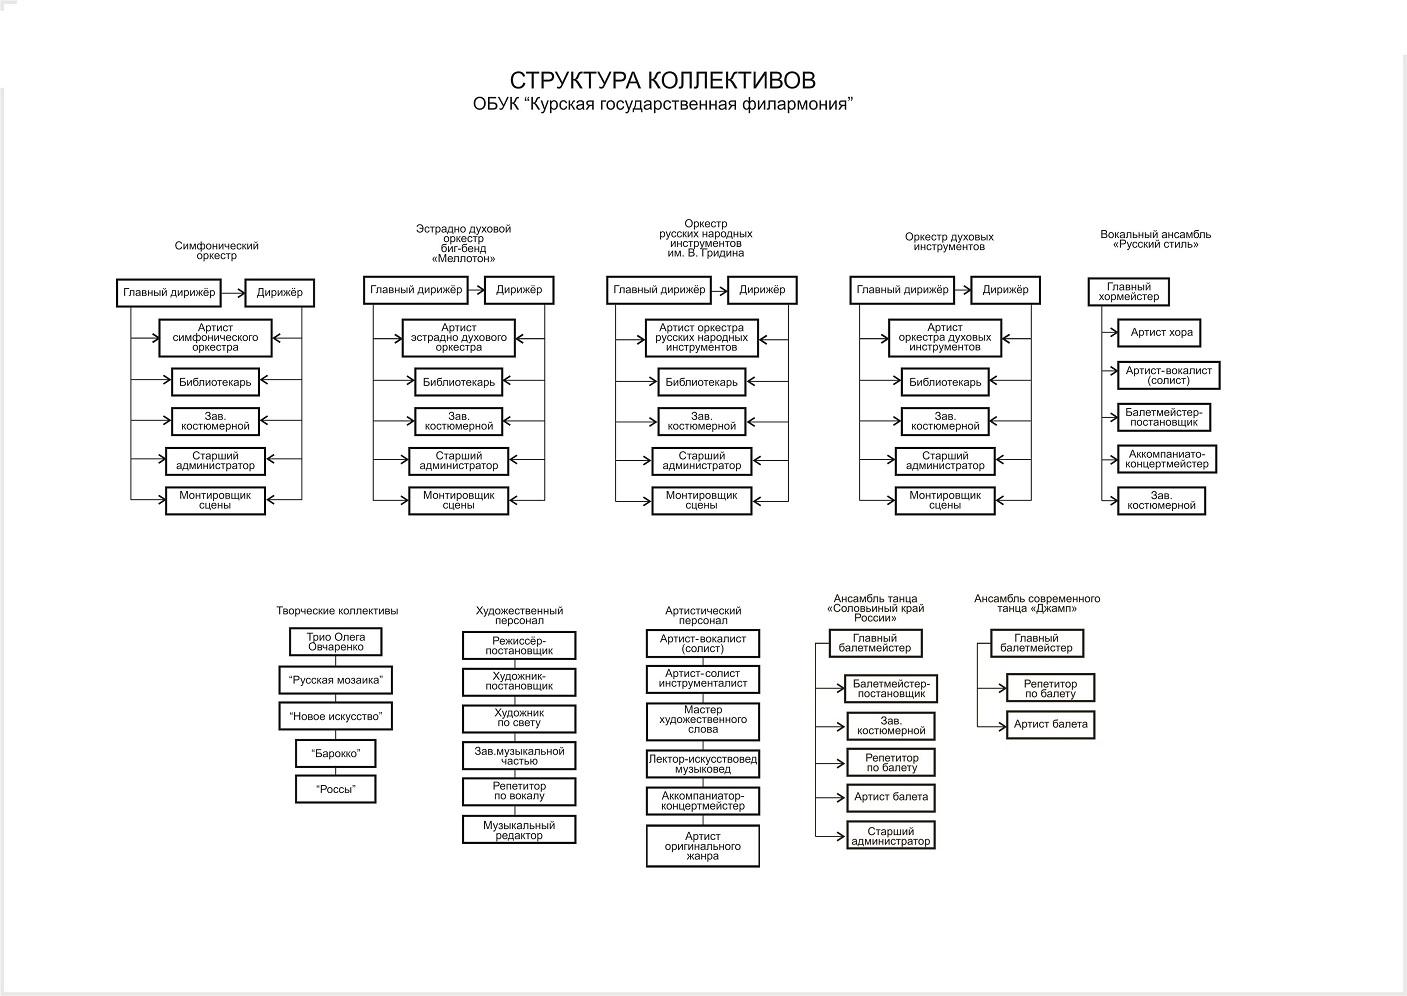 Структура коллективов курской государственной филармонии